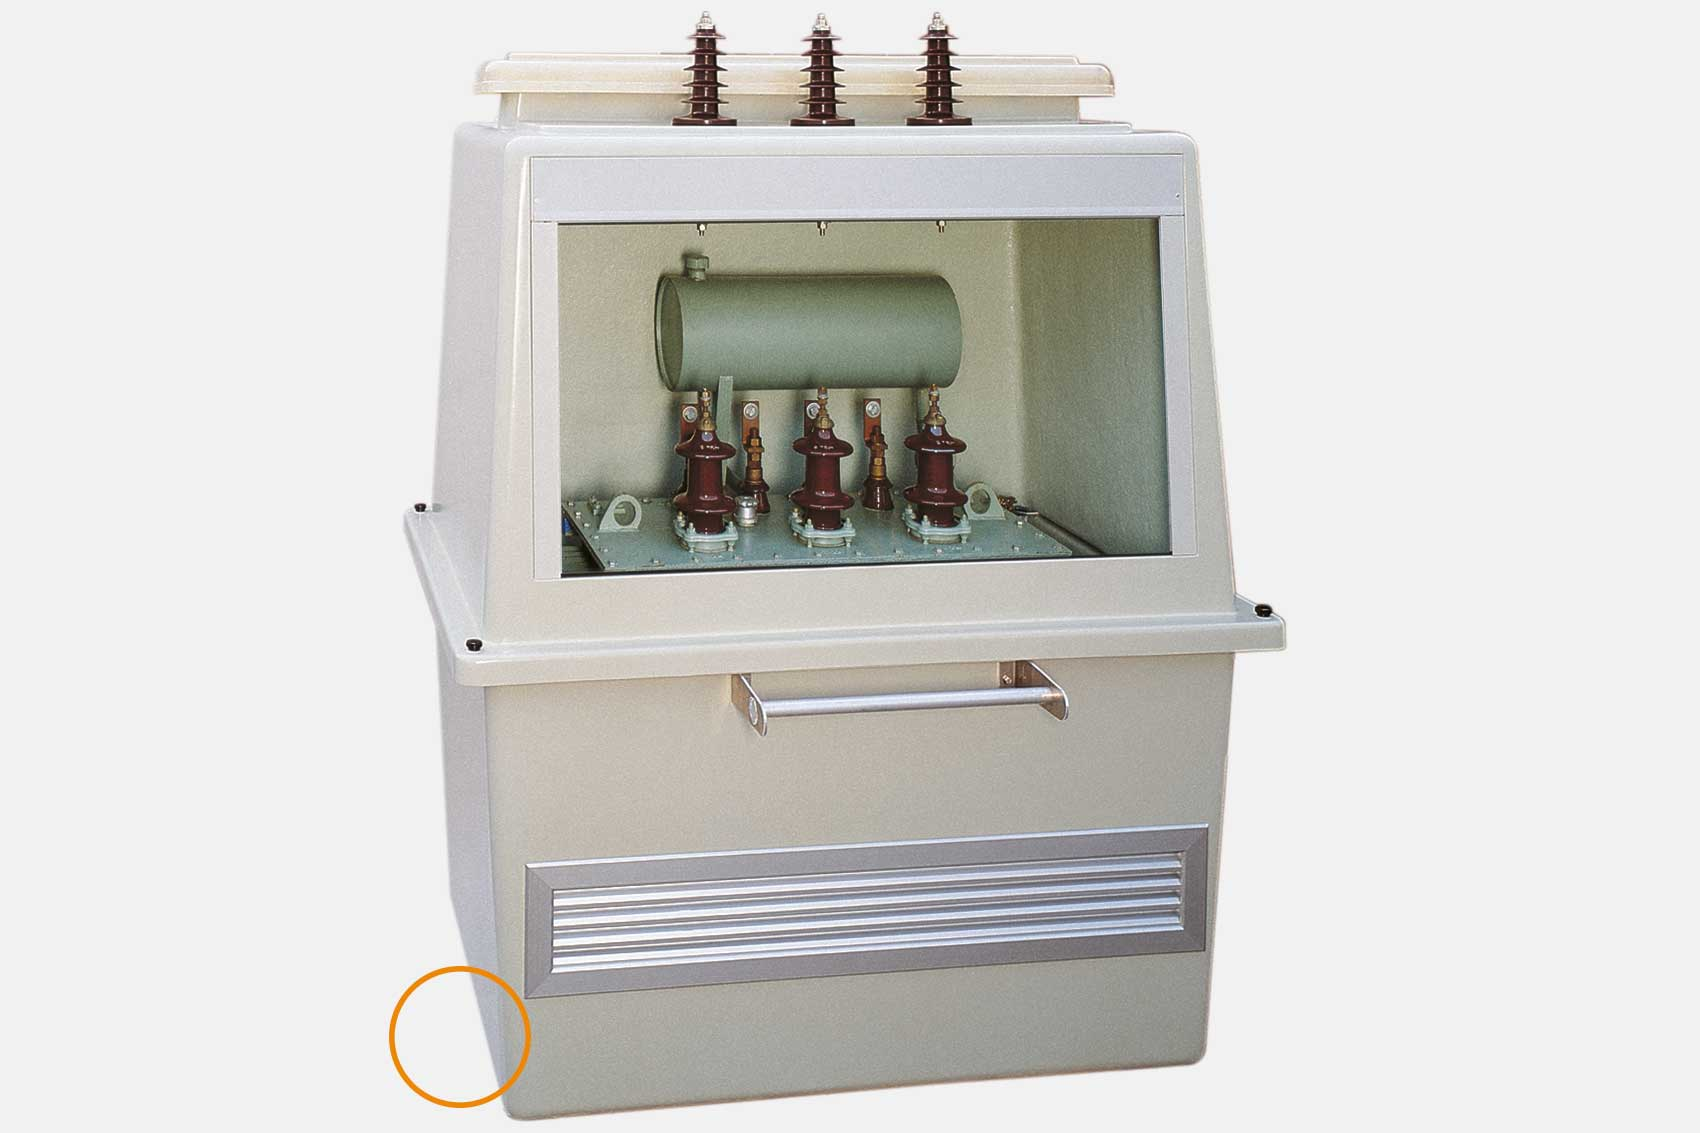 Variable Befestigung der Trafobox auf dem Mast durch C-Profilschienen.